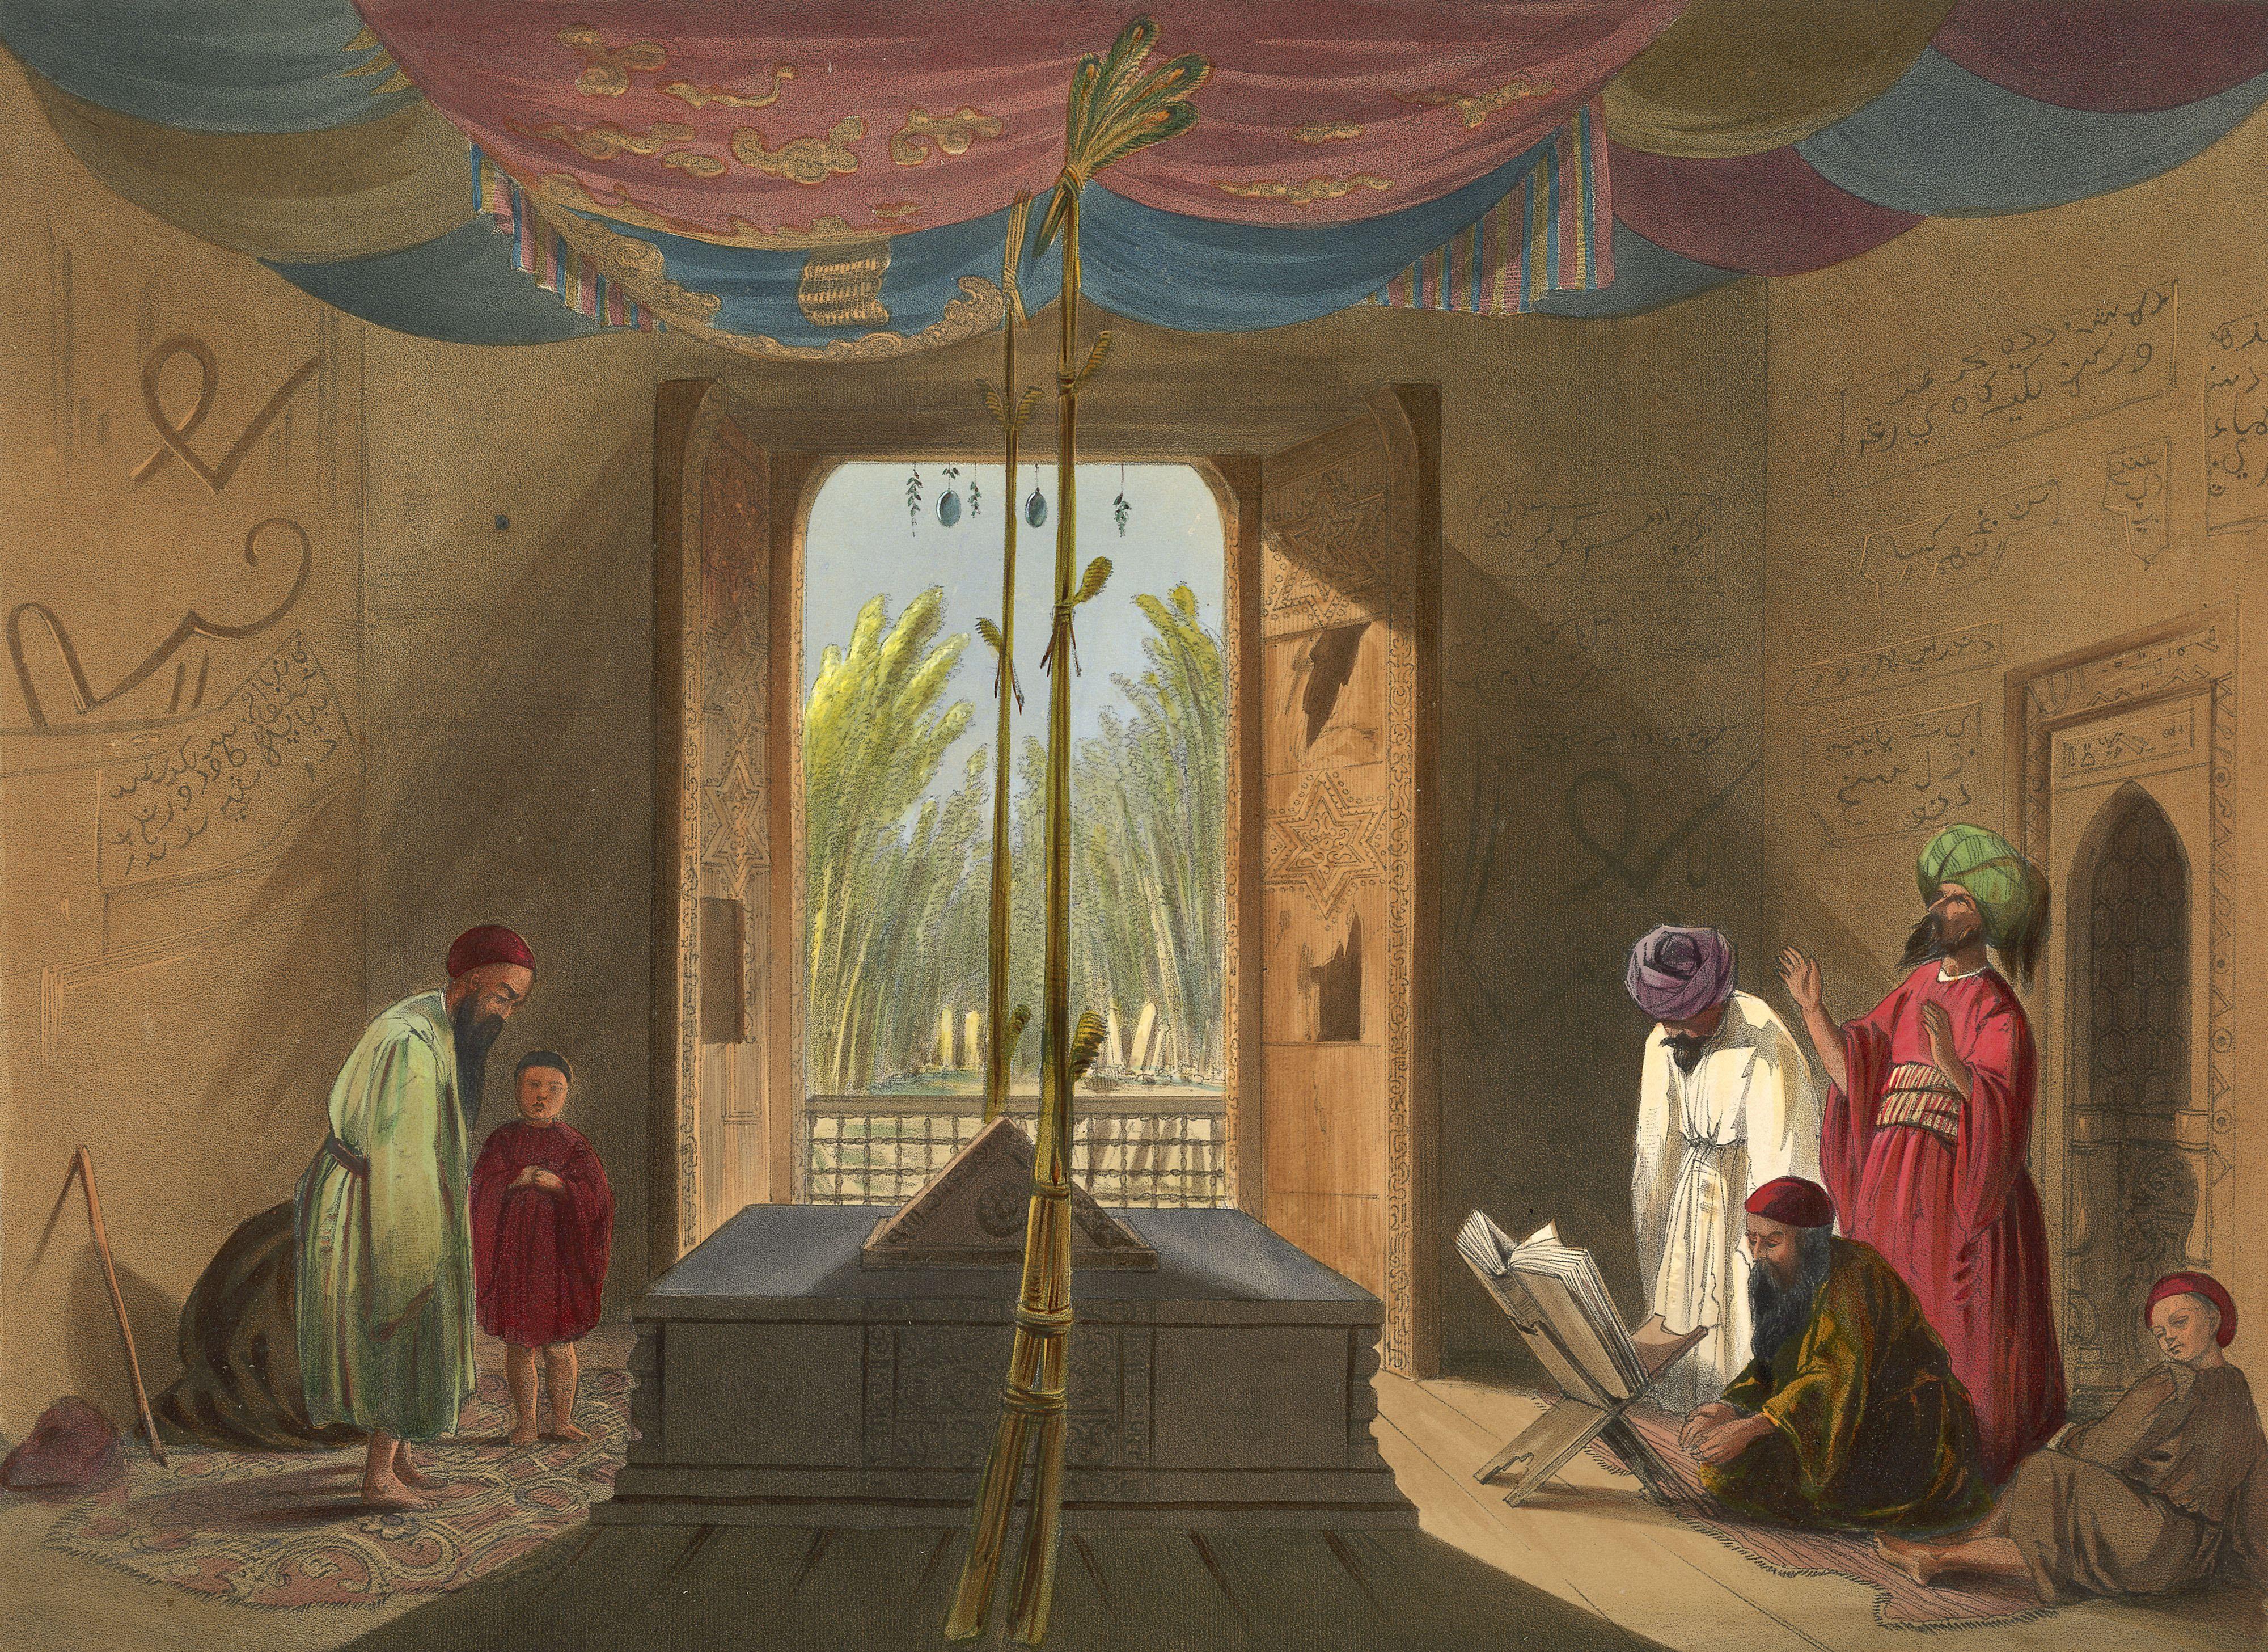 Qutubuddin Aibak Mosque File:Tomb of Su...